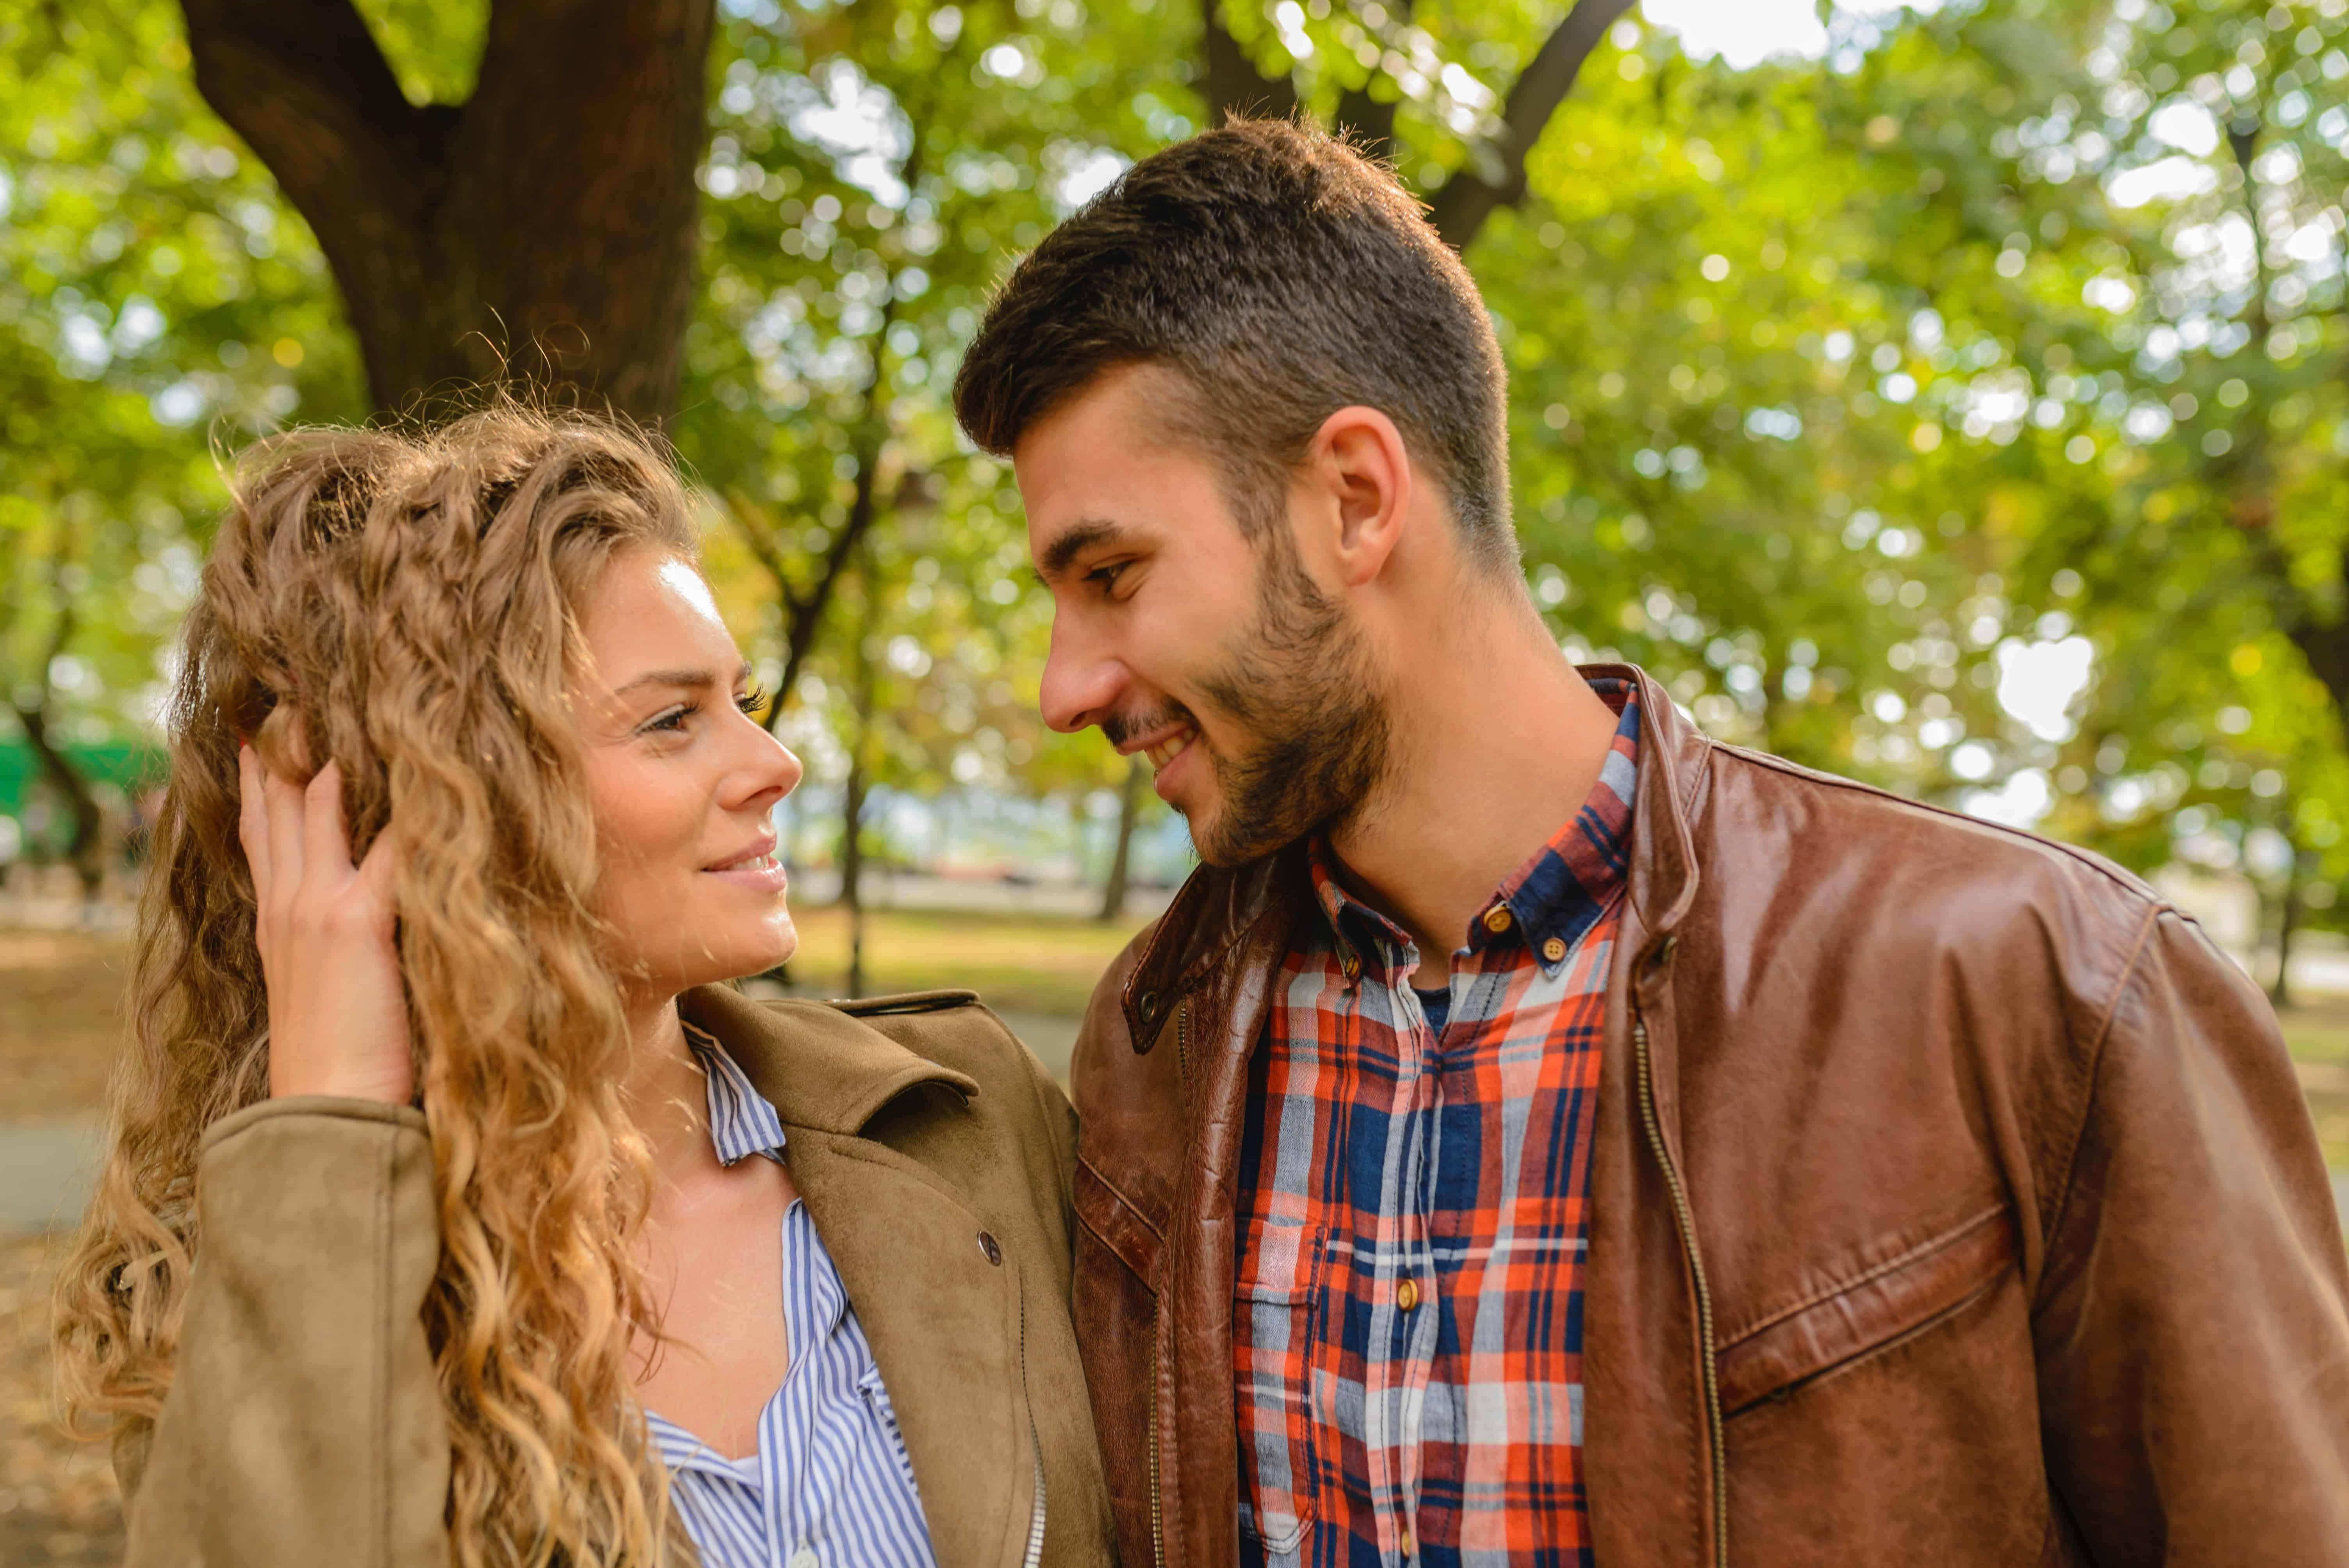 Un homme flirte avec une femme.